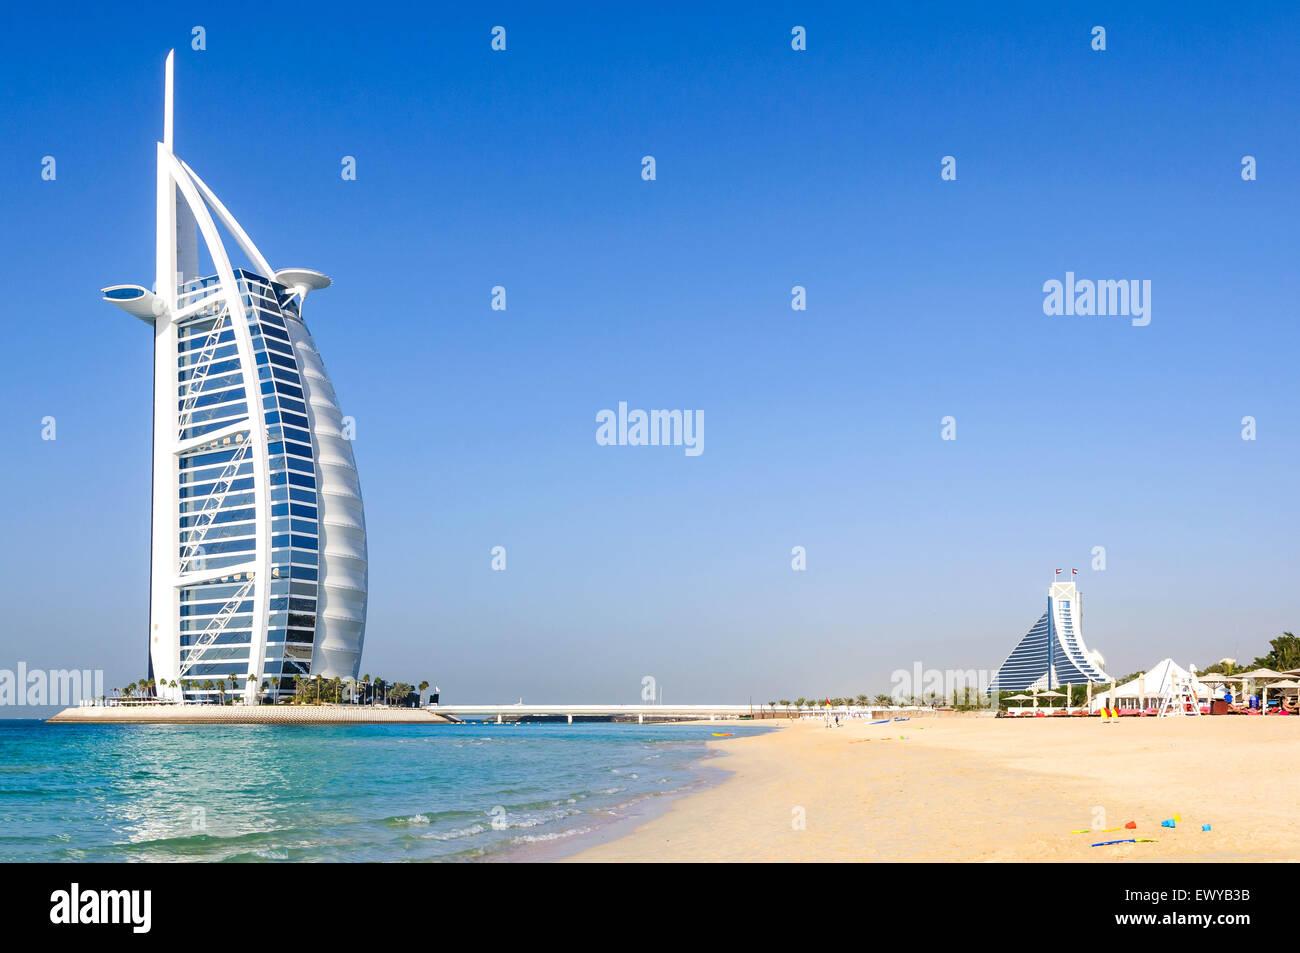 Dubaï, Émirats Arabes Unis - janvier 08, 2012: avis de l'hôtel Burj Al Arab à partir Photo Stock